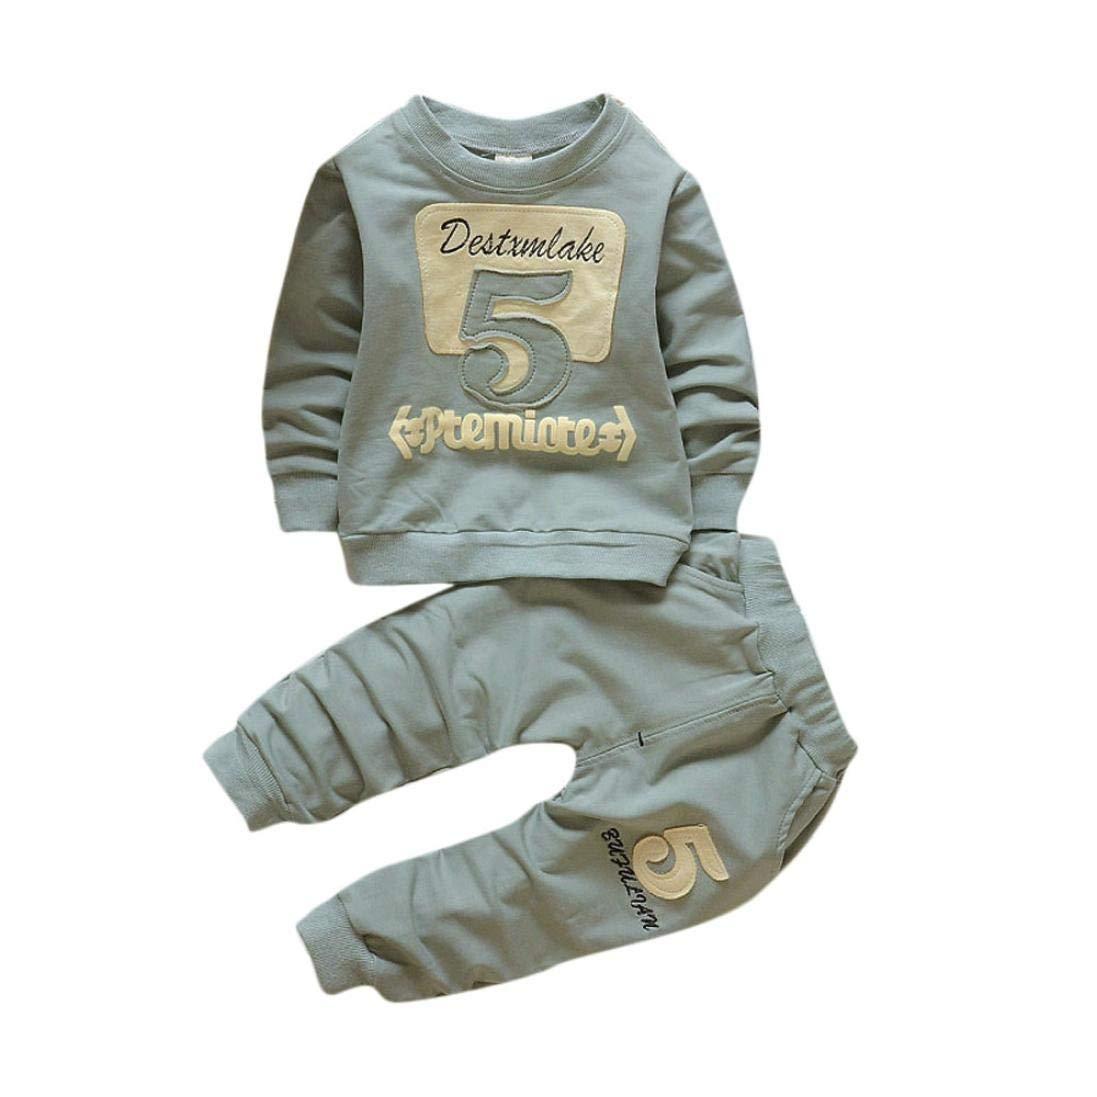 Bambini Abiti In Abbigliamento Ragazze Ragazzi Bambini Pullover E Pantaloni Bambino Bambini Cotone Stampa Manica Lunga Pullover + Pantaloni Lunghi Set Di Abbigliamento Morwind